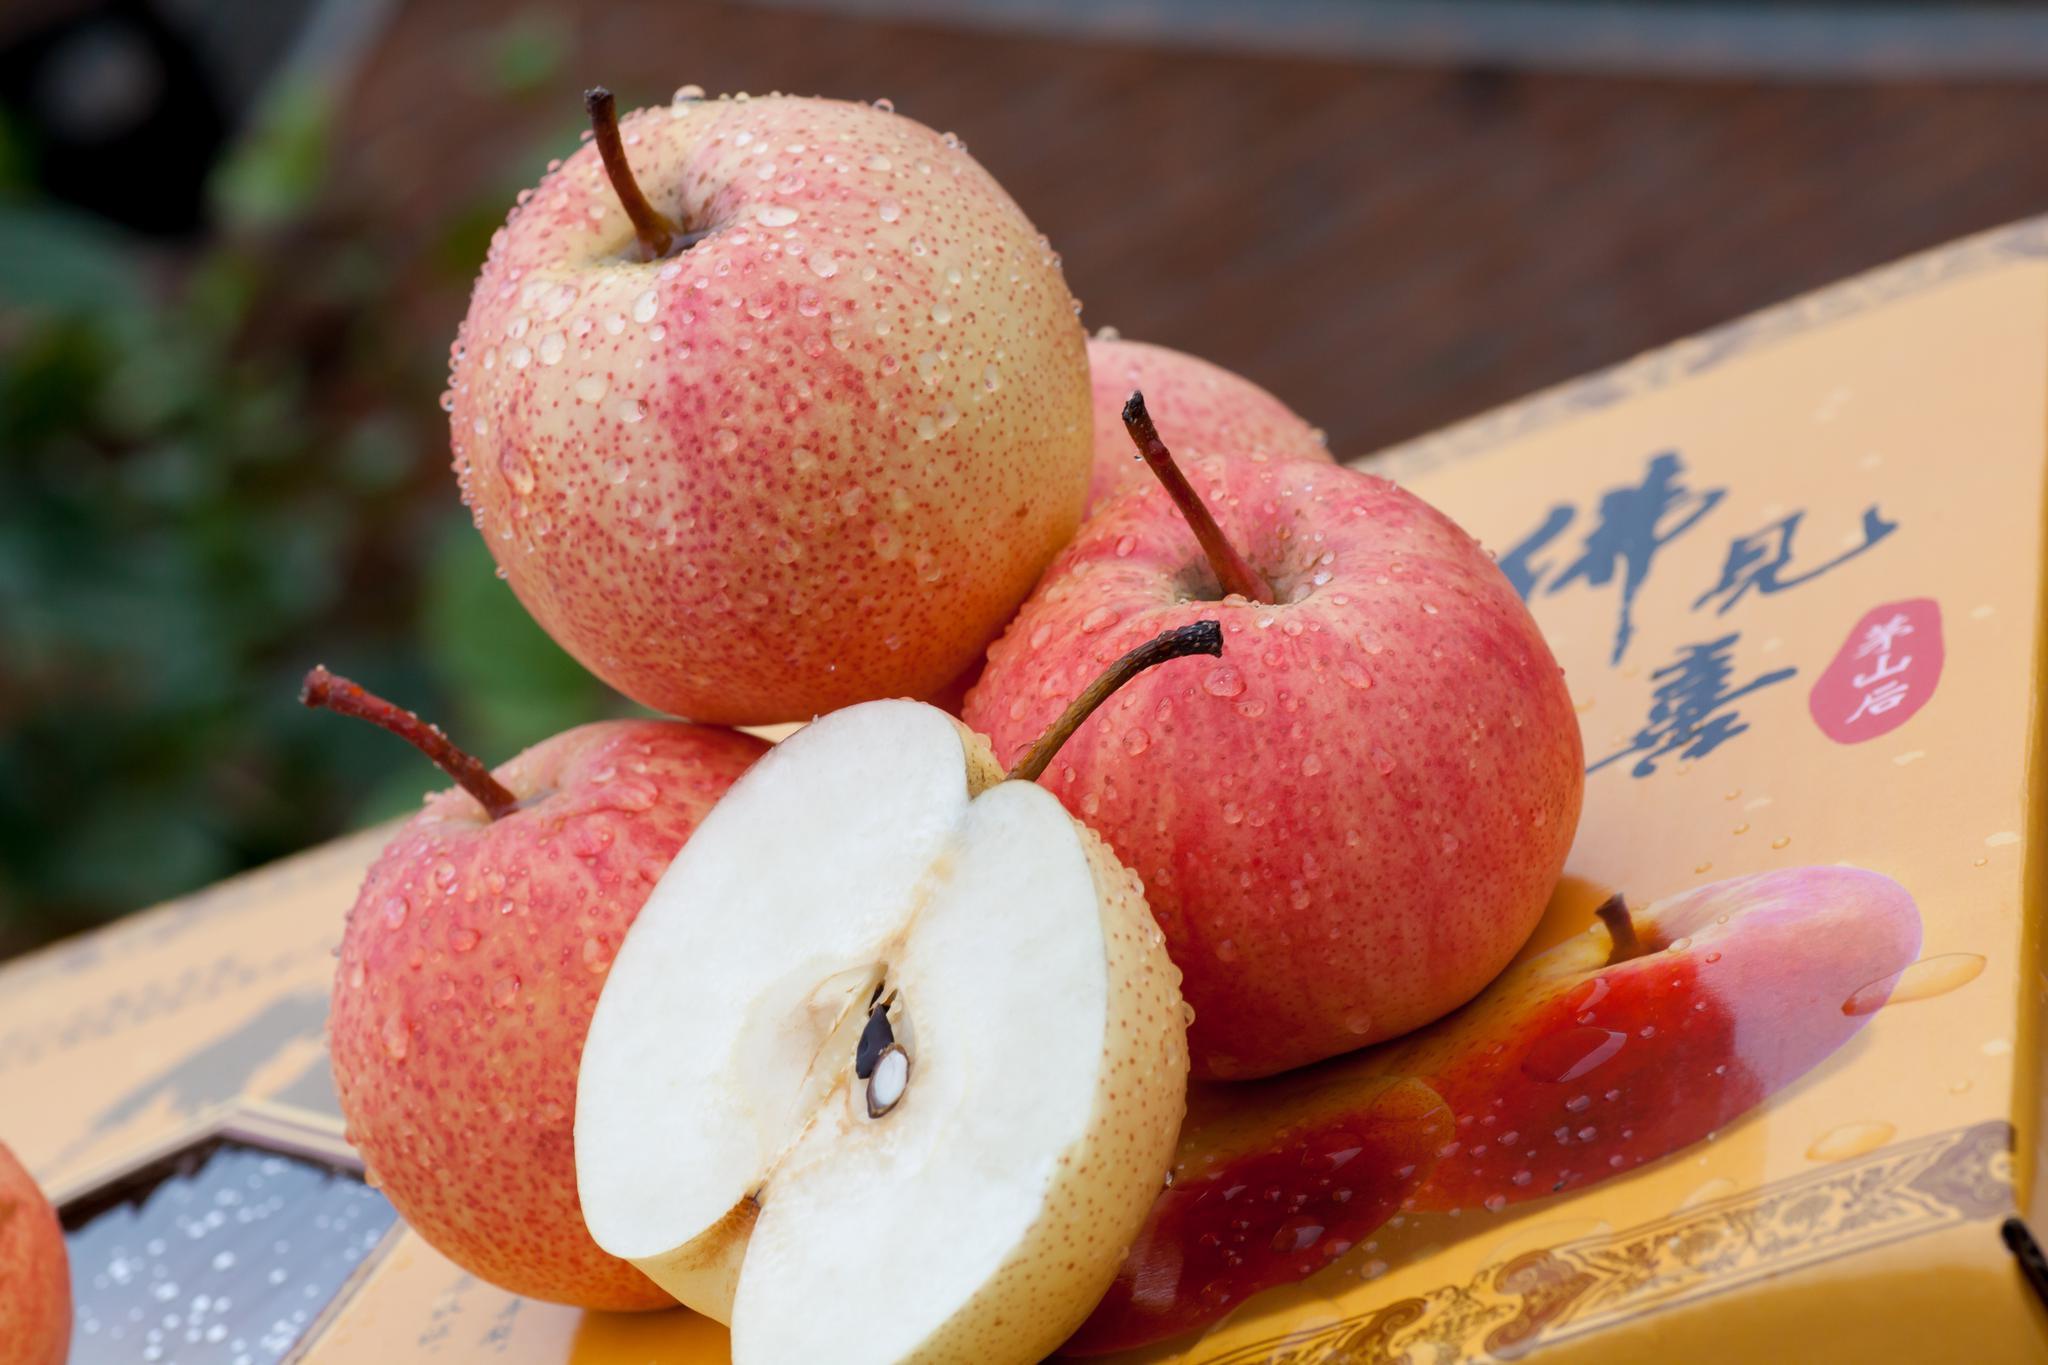 这些水果都放飞自我了?忍了草莓和橘子,这个苹果..._手机网易网